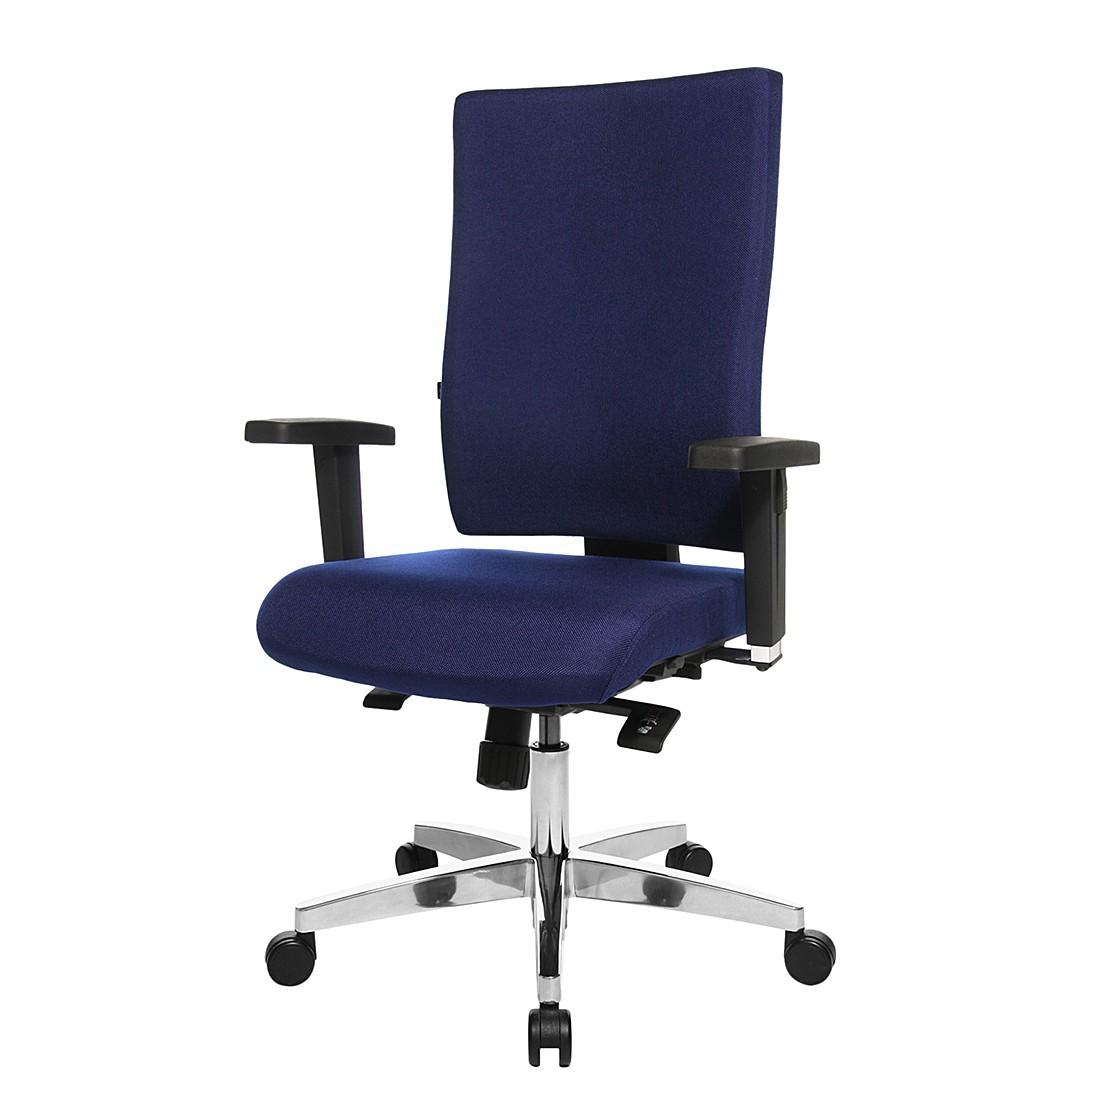 Bürodrehstuhl Lightstar 20 - Mit Armlehnen - Blau, Topstar